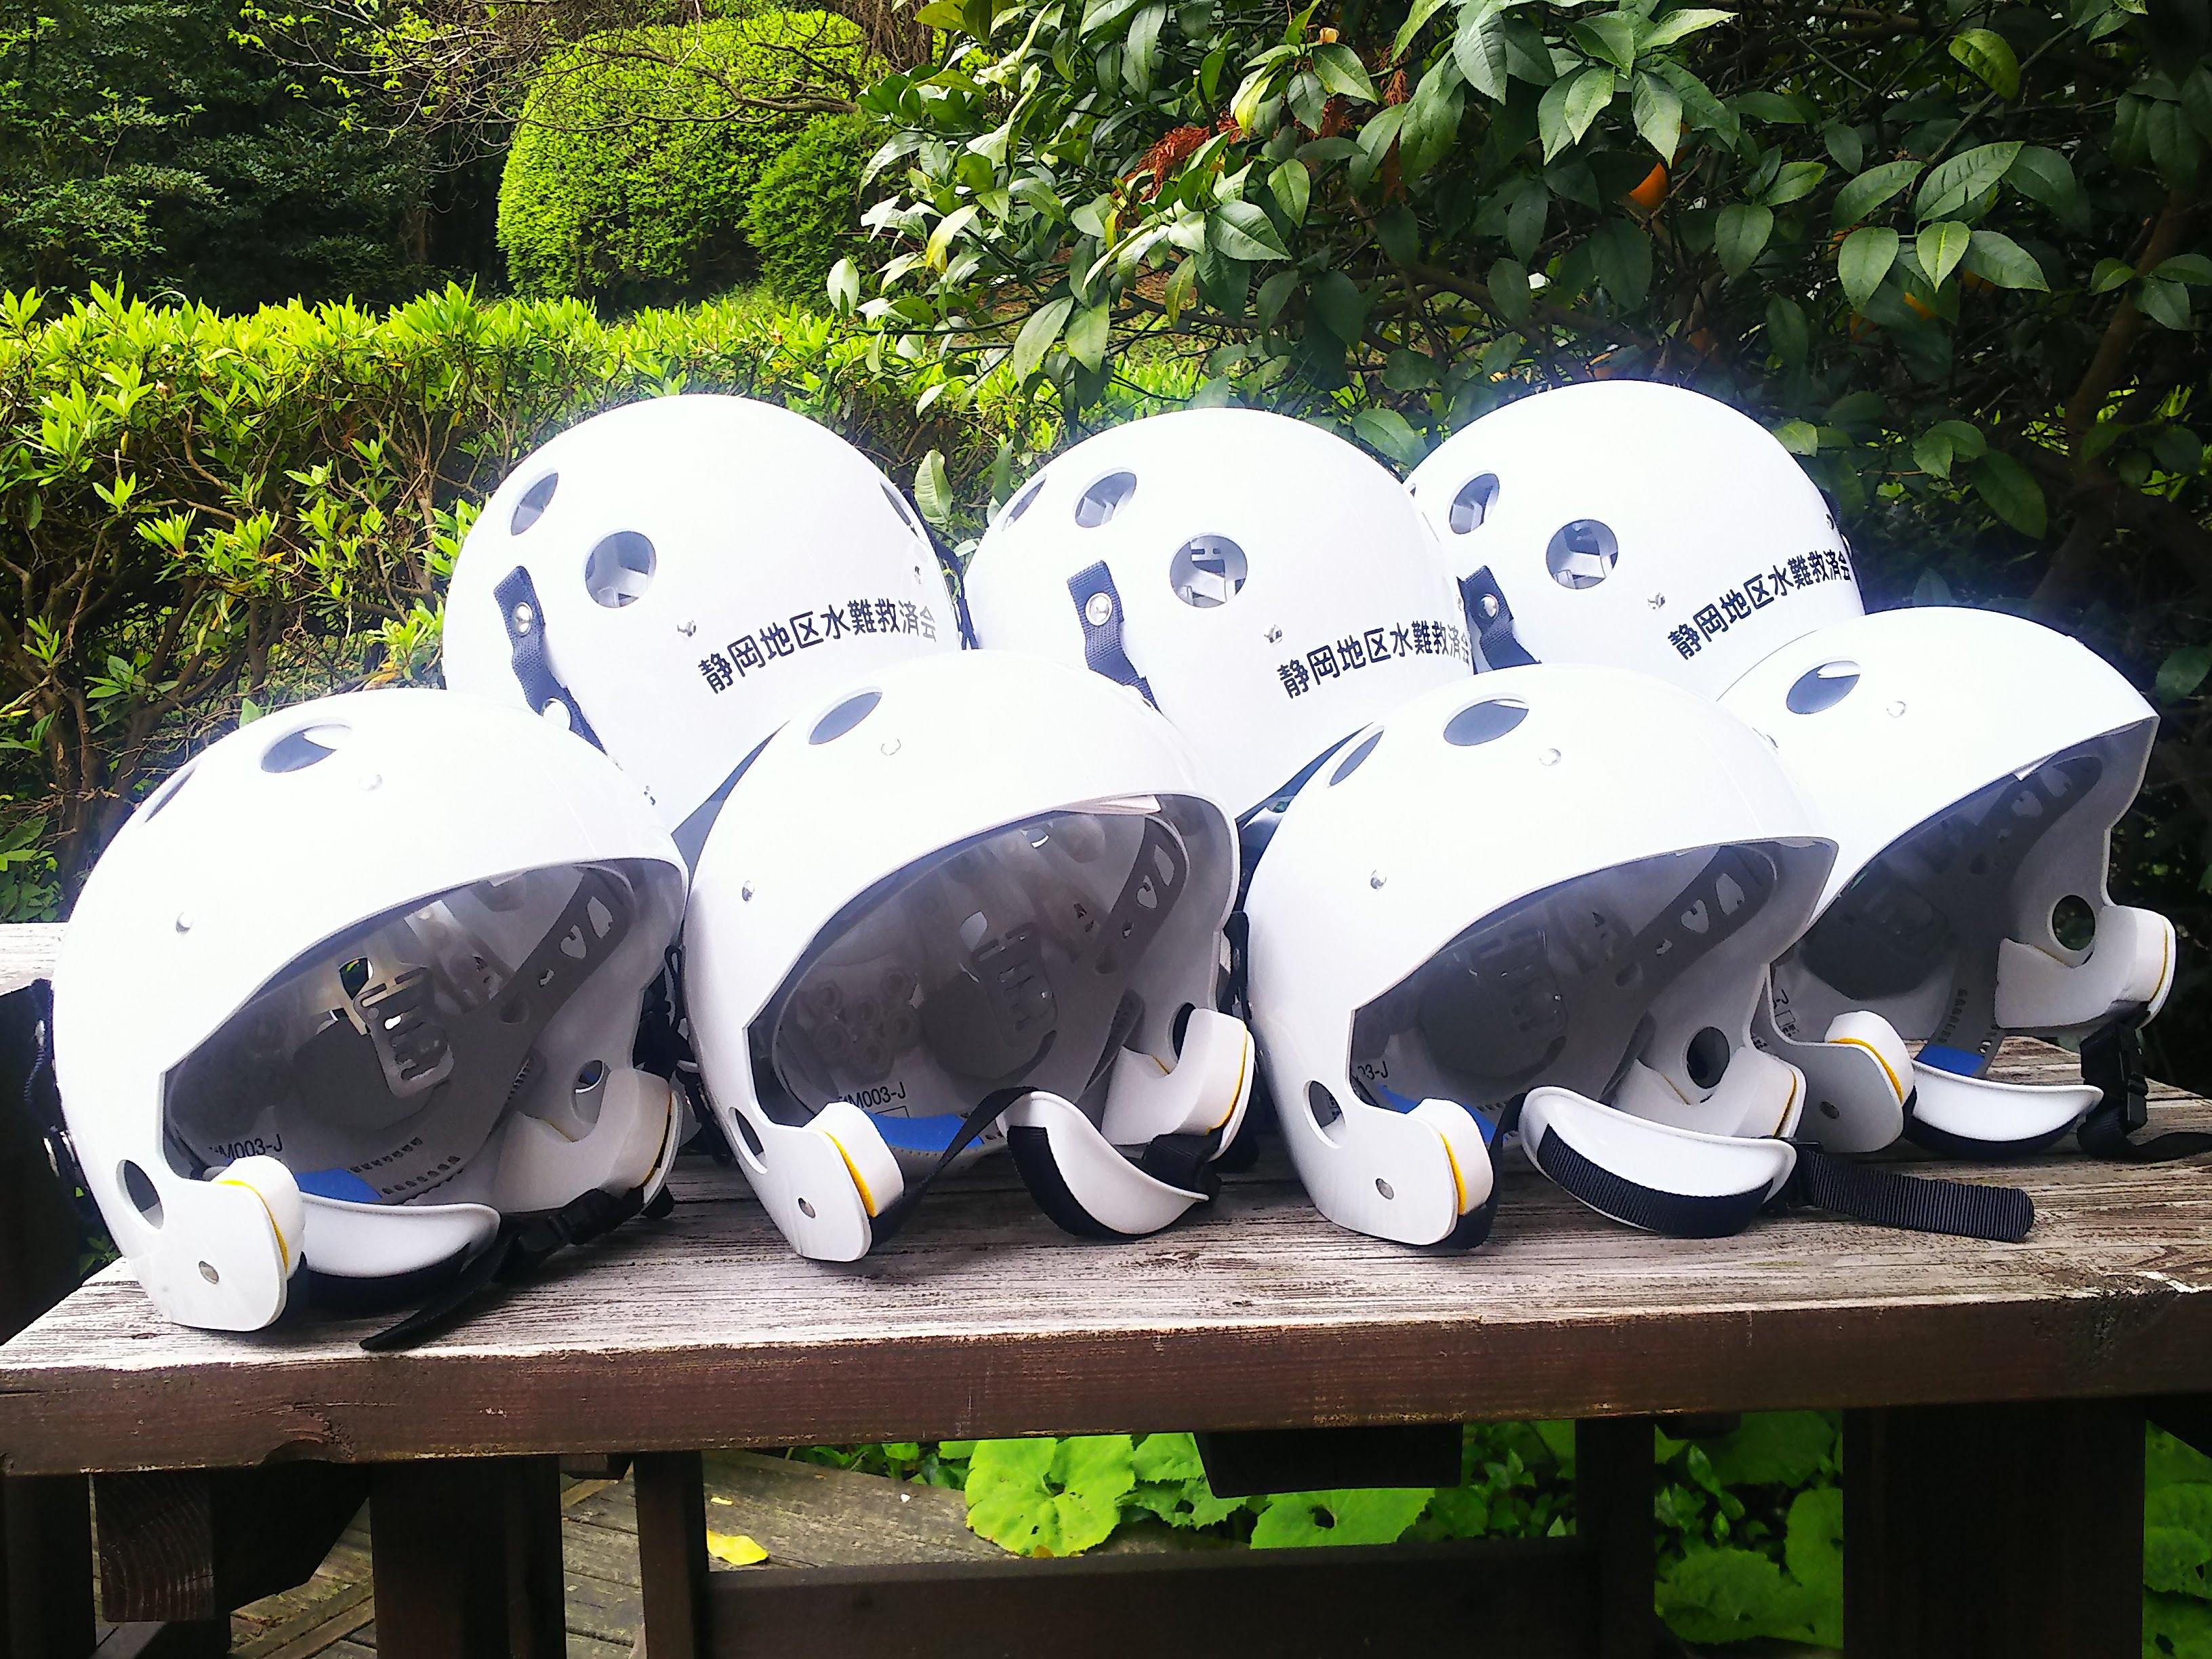 救助員用のヘルメット